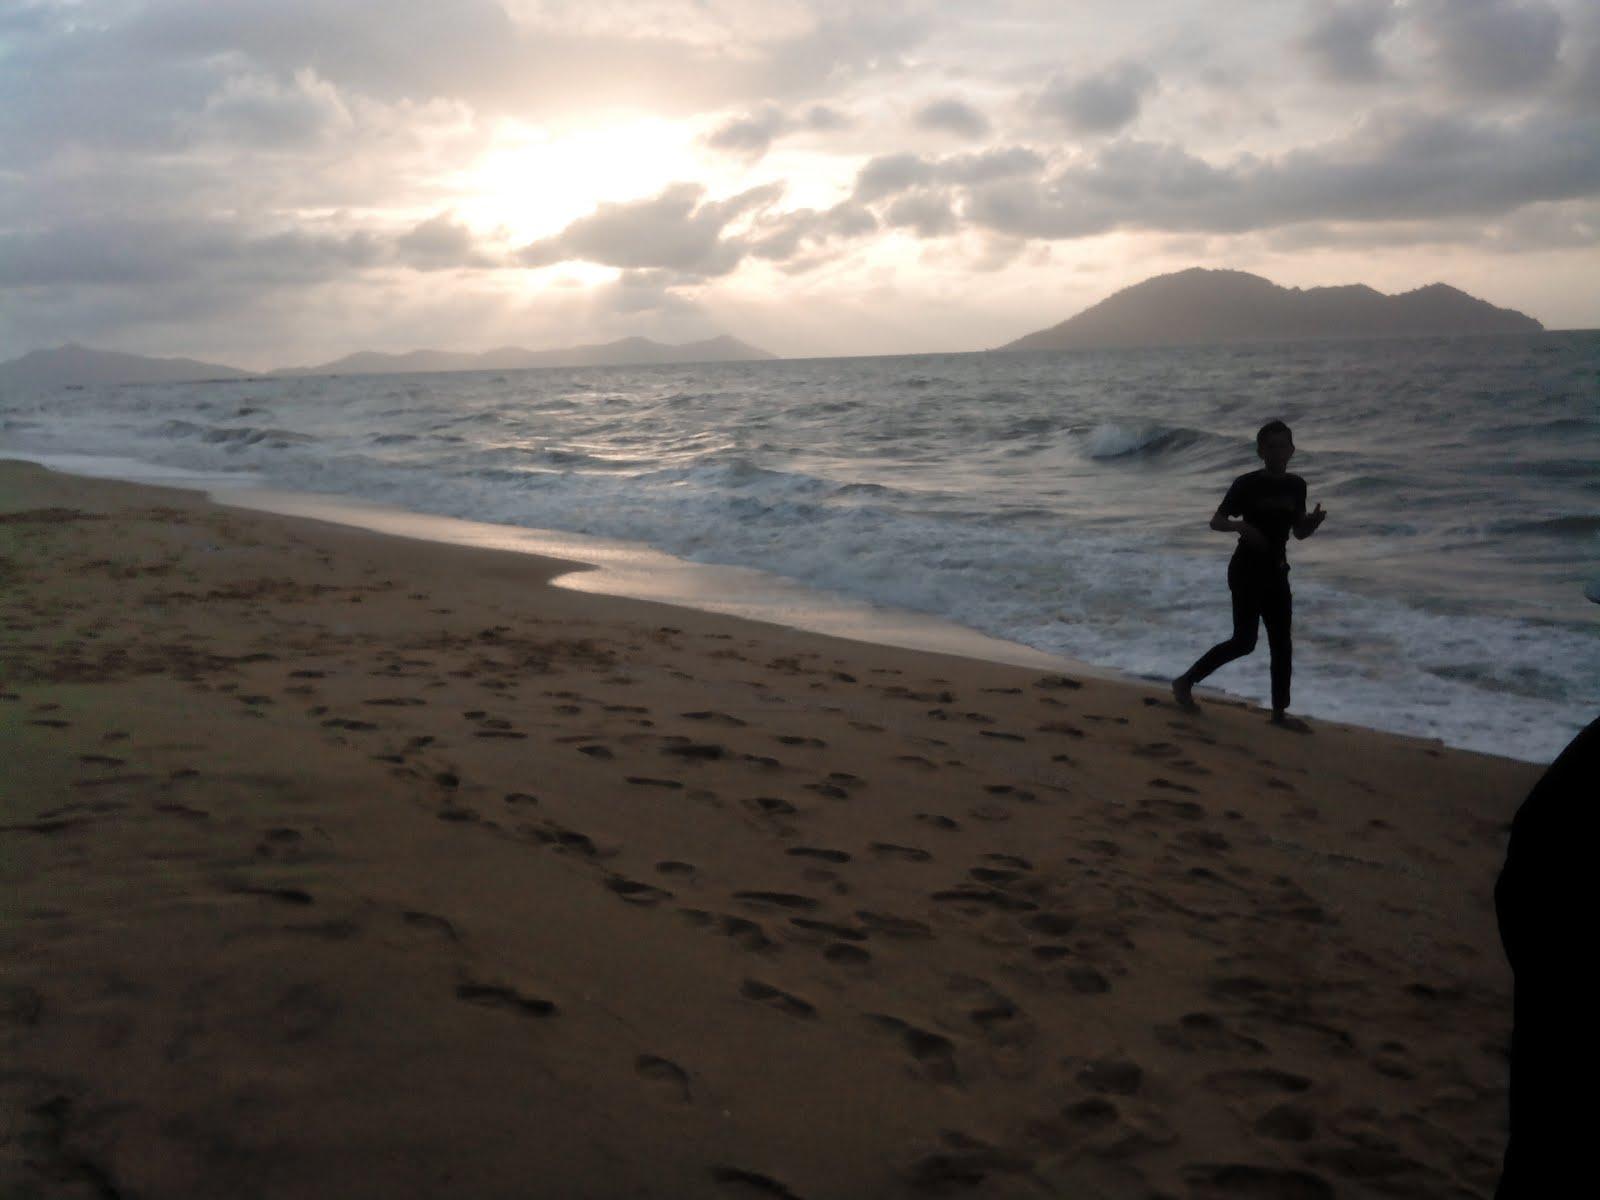 Wisata Pantai Kura Tio Ramadhan Bin Iwan Perawat Fisabilillah Homestay